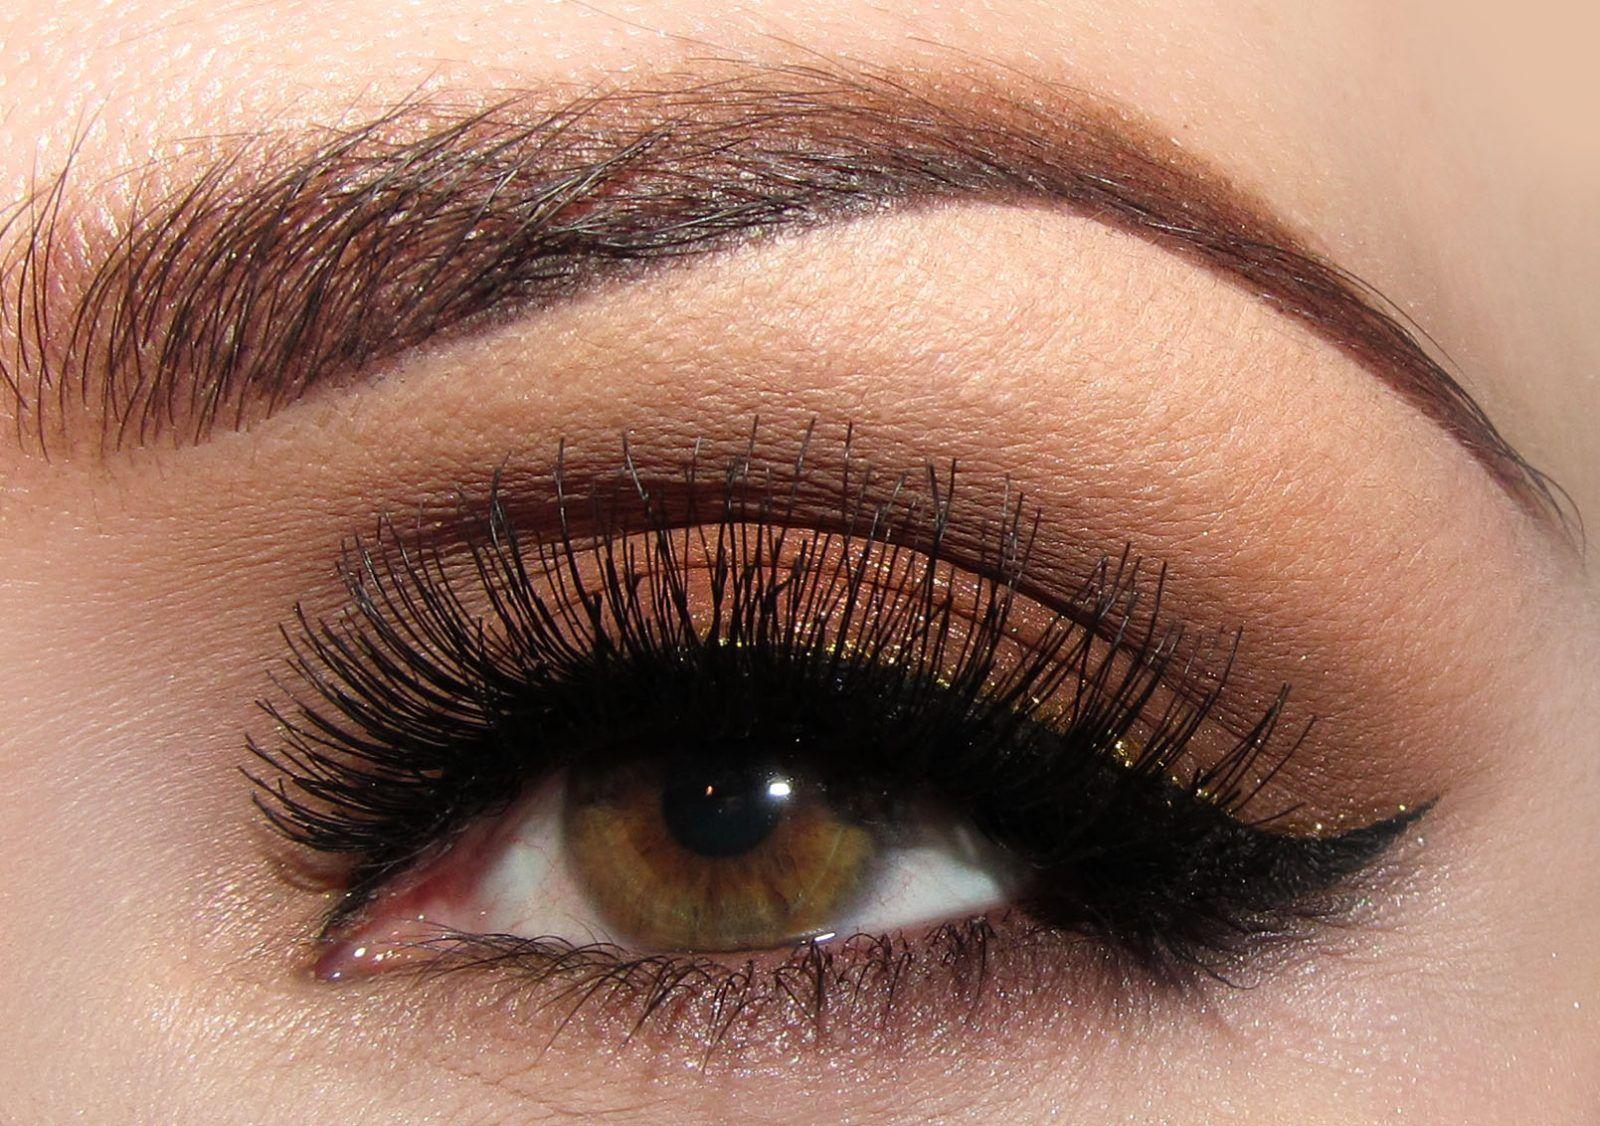 Superior Bedroom Eyes Makeup Tutorial